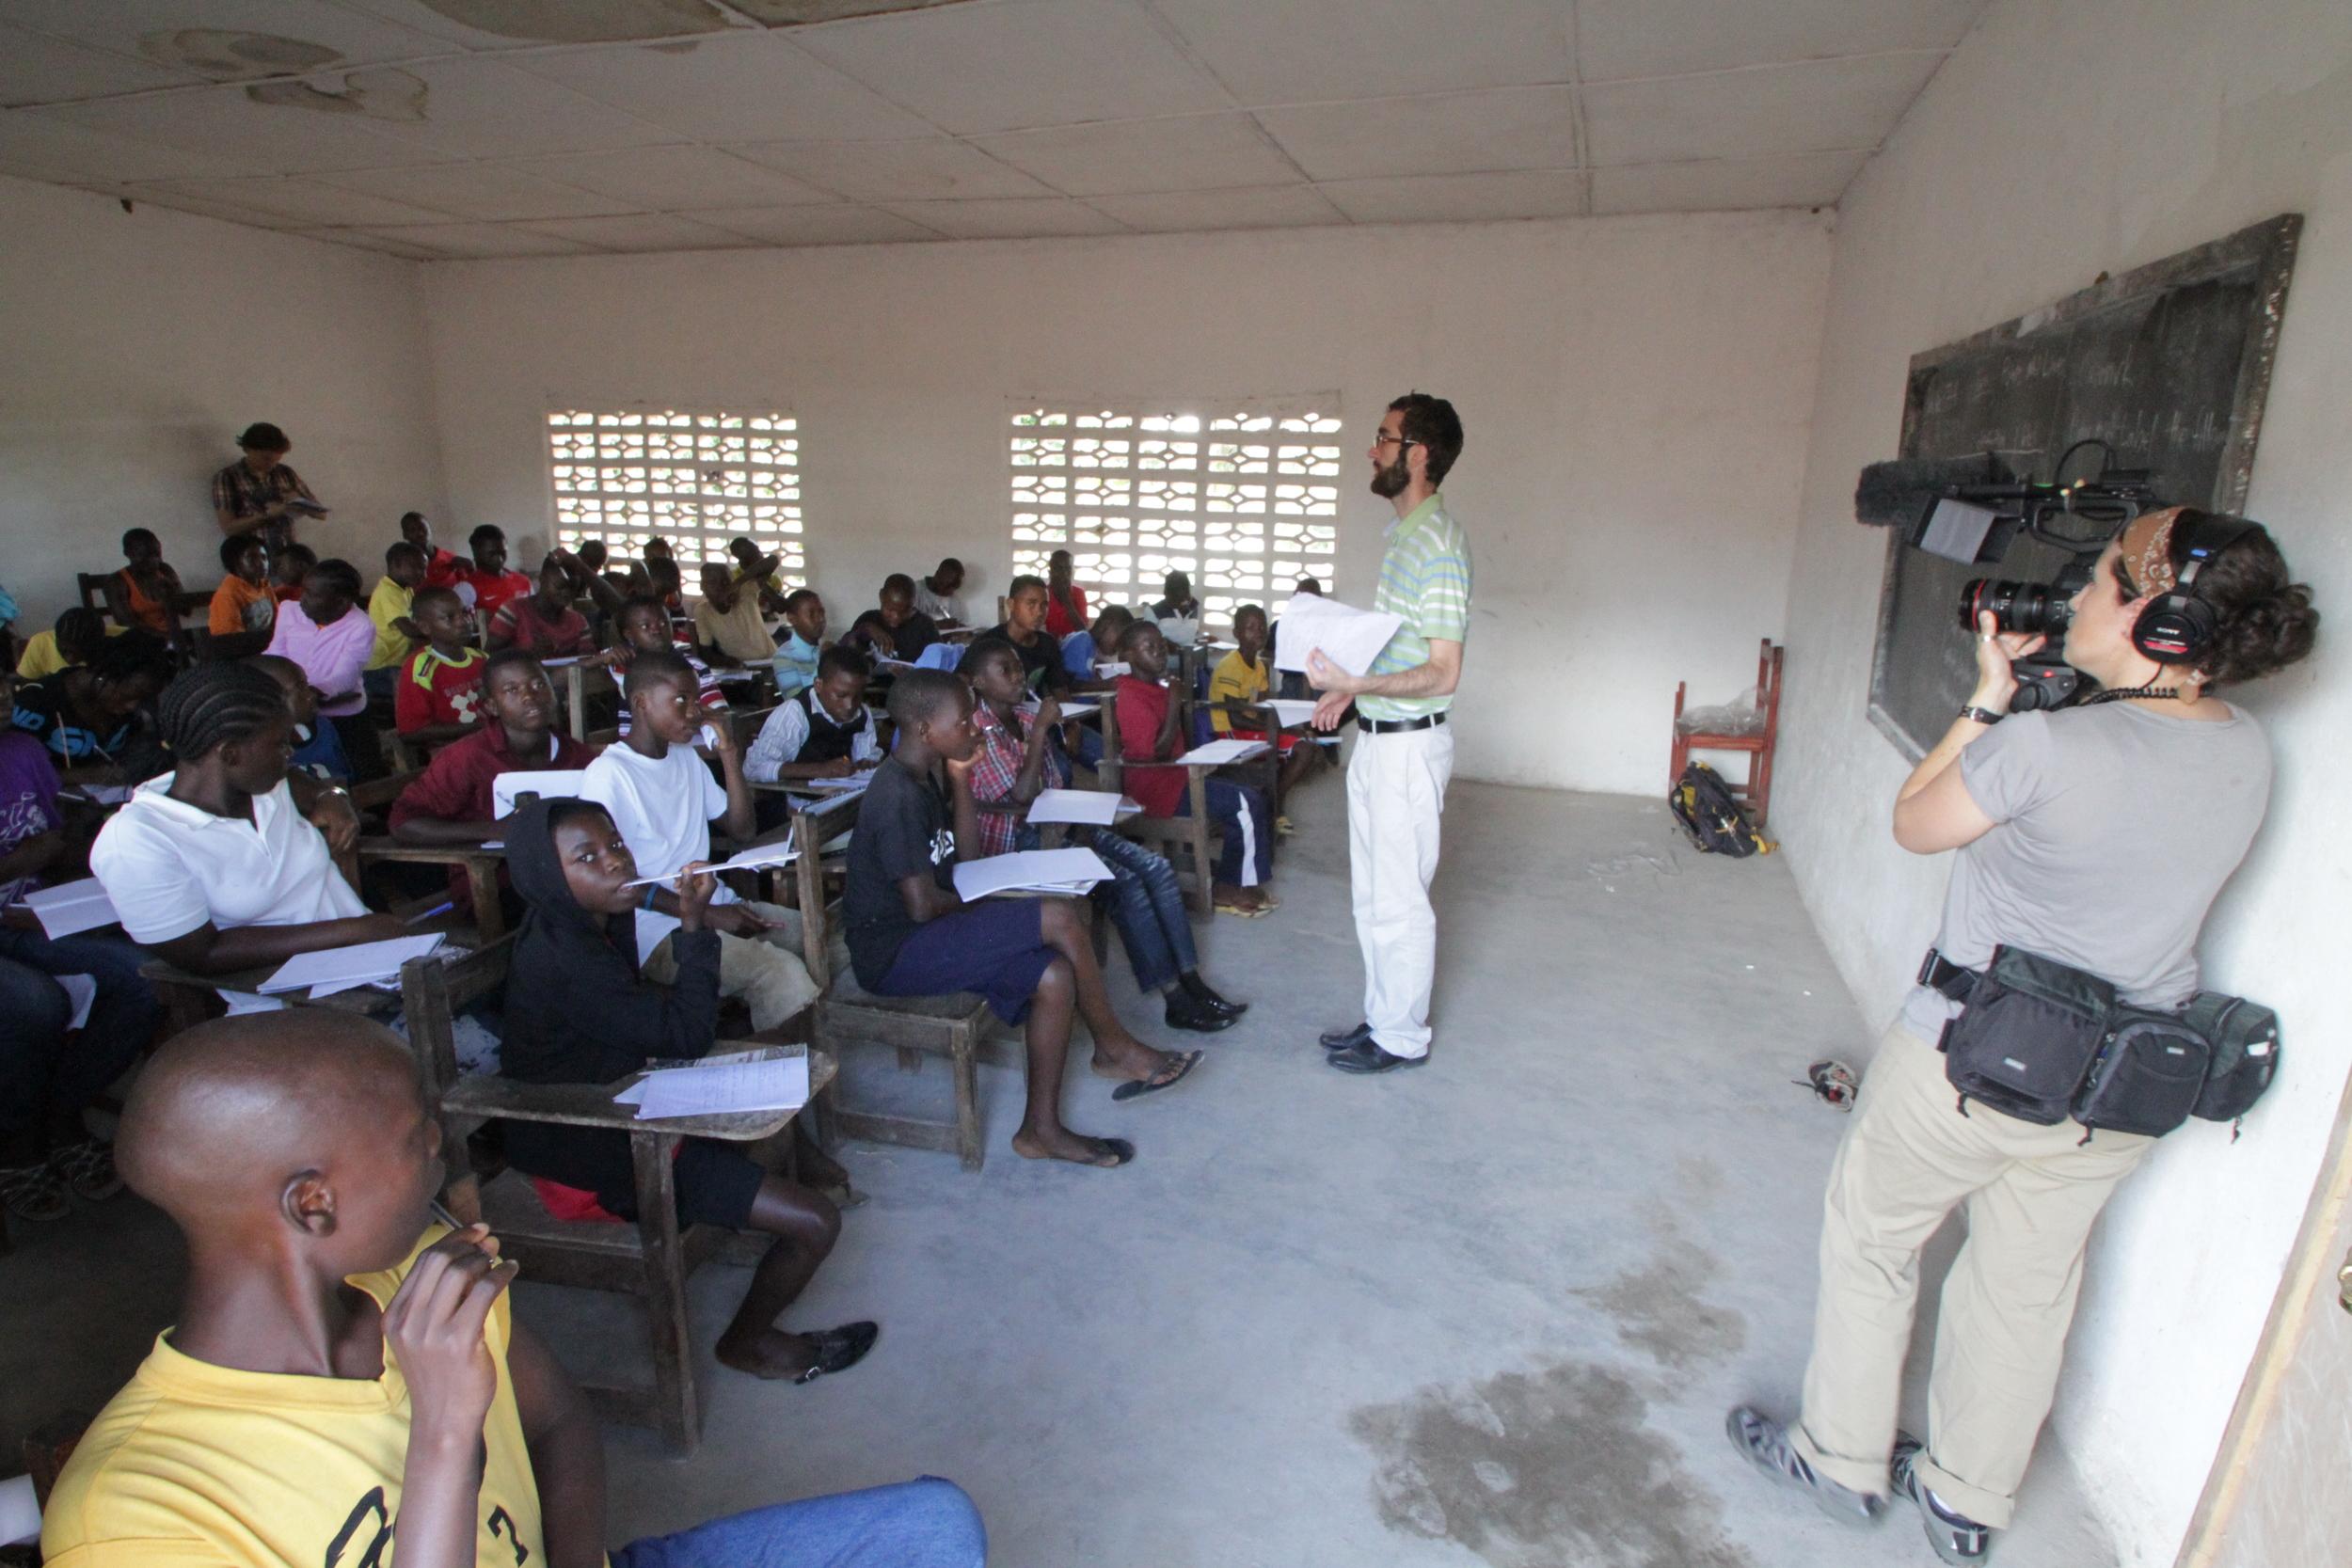 Filming in Liberia